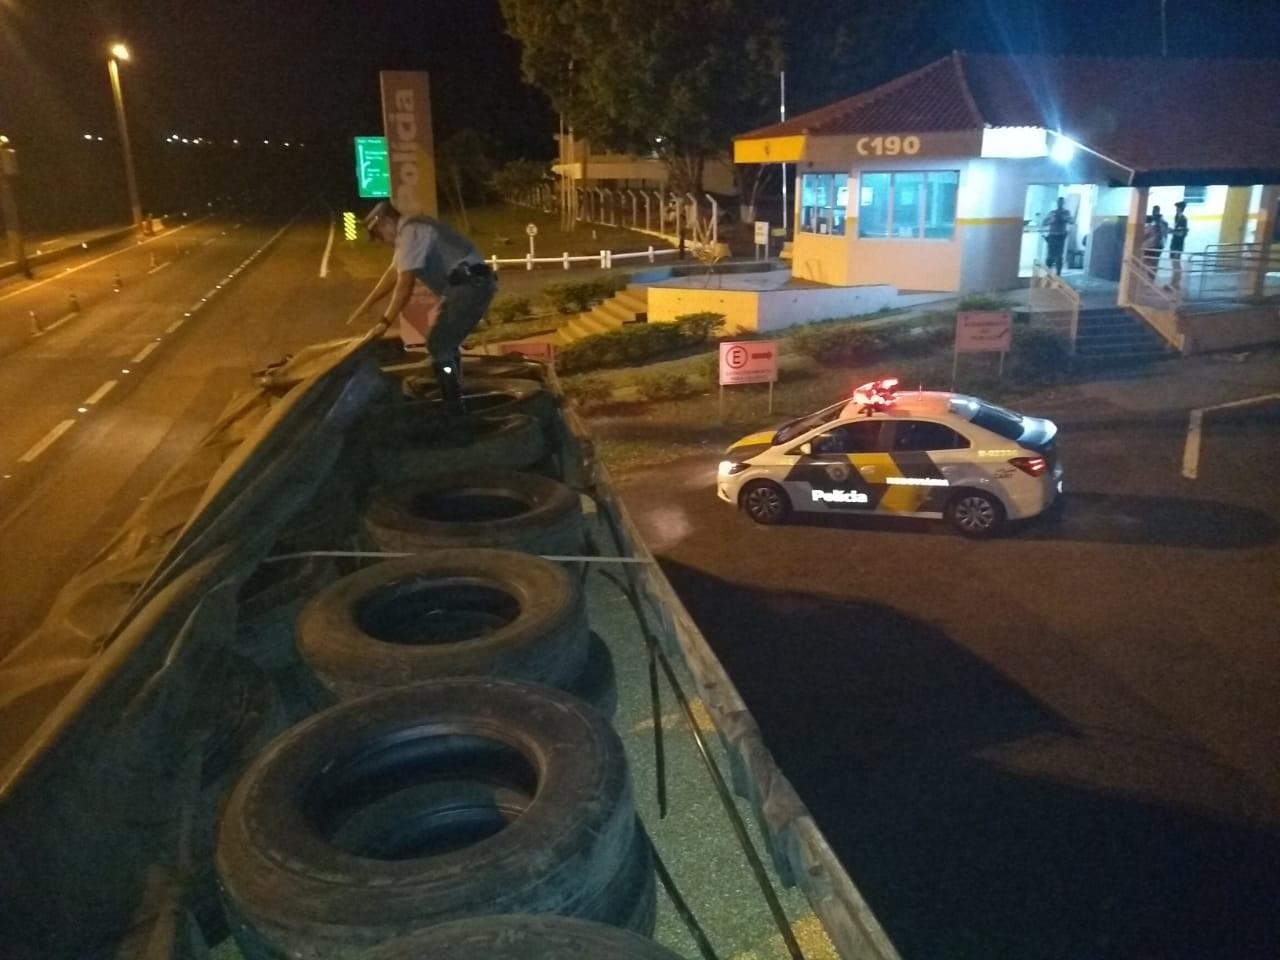 Polícia Rodoviária apreende carga de pneus contrabandeados em Assis - Notícias - Plantão Diário